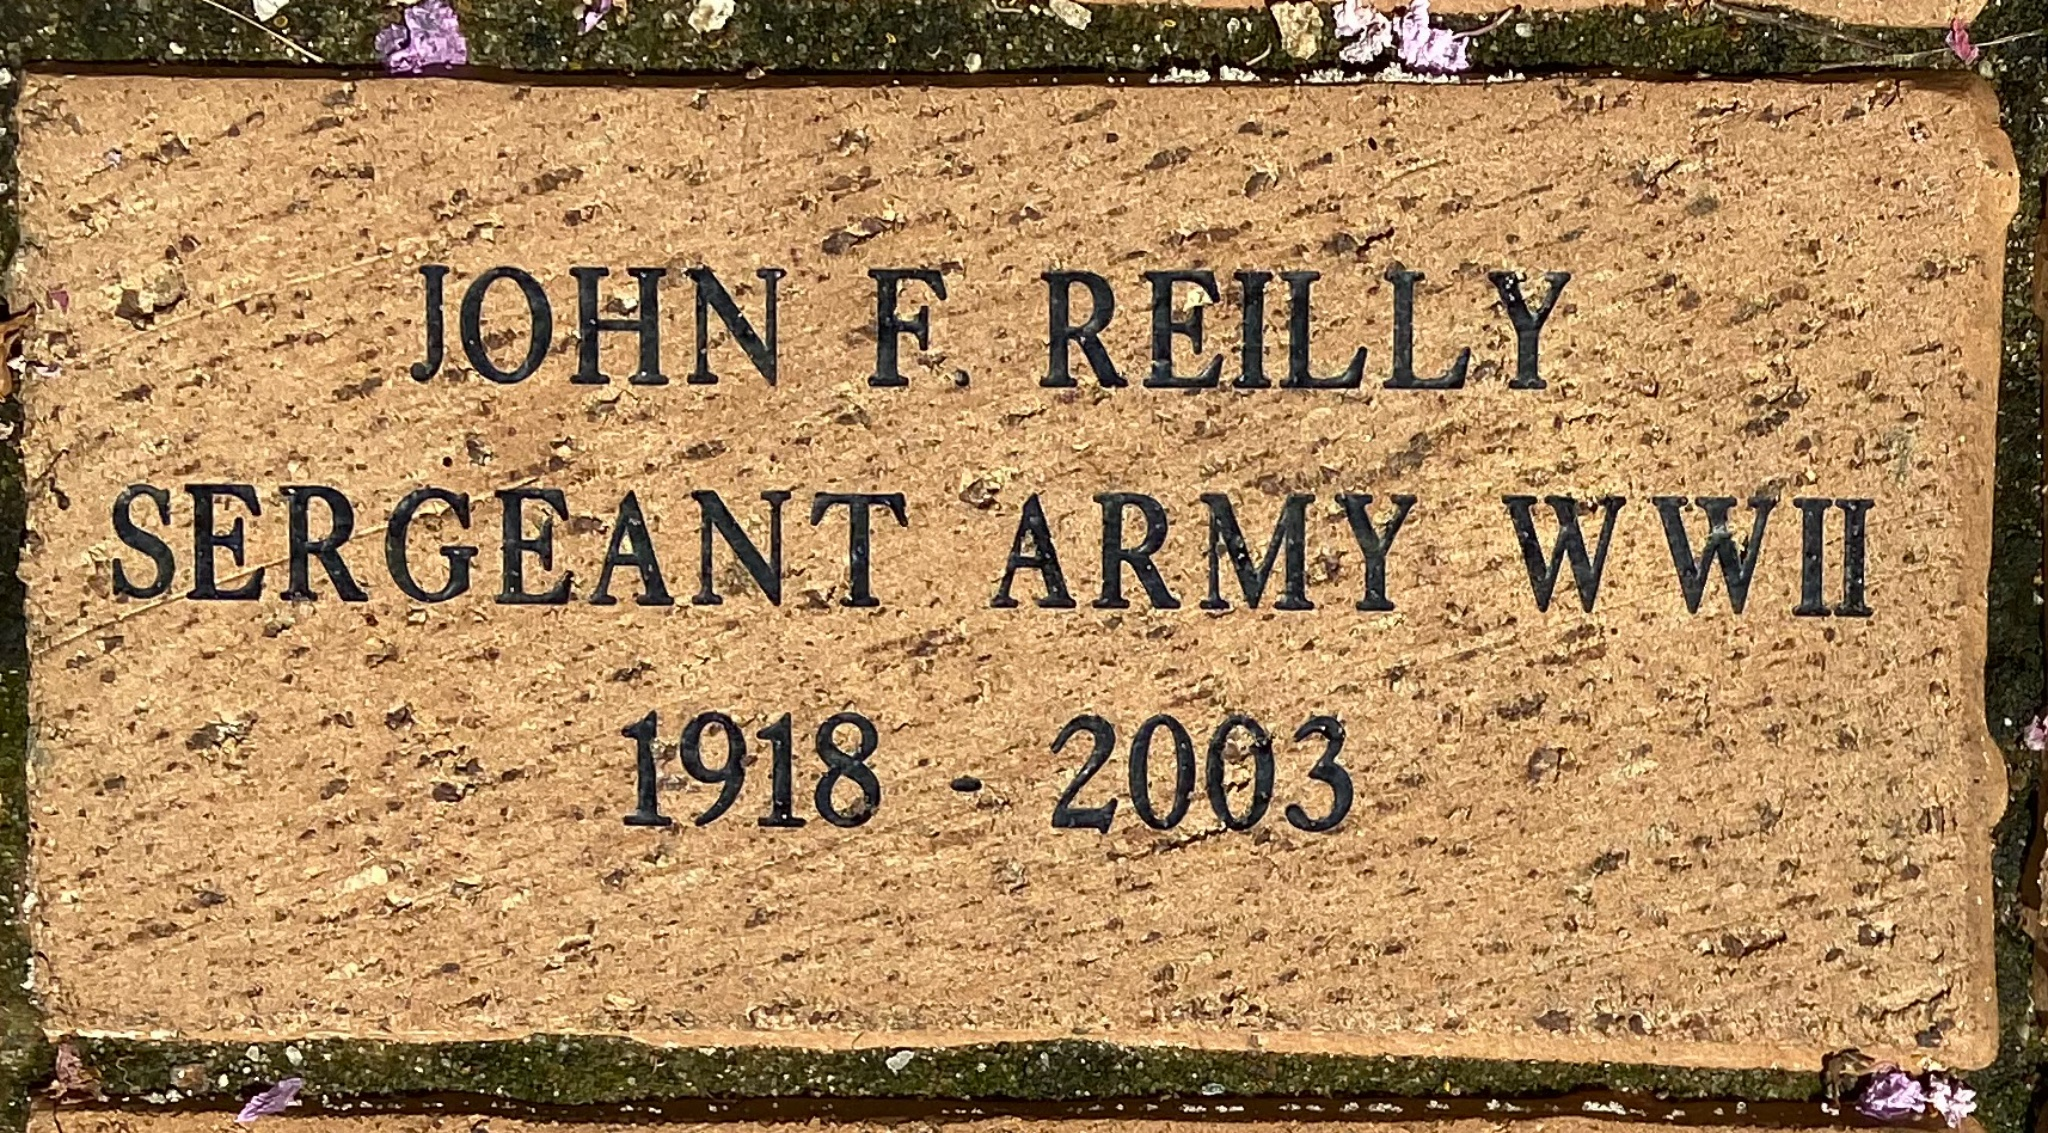 JOHN F. REILLY SERGEANT ARMY WWII 1918 – 2003